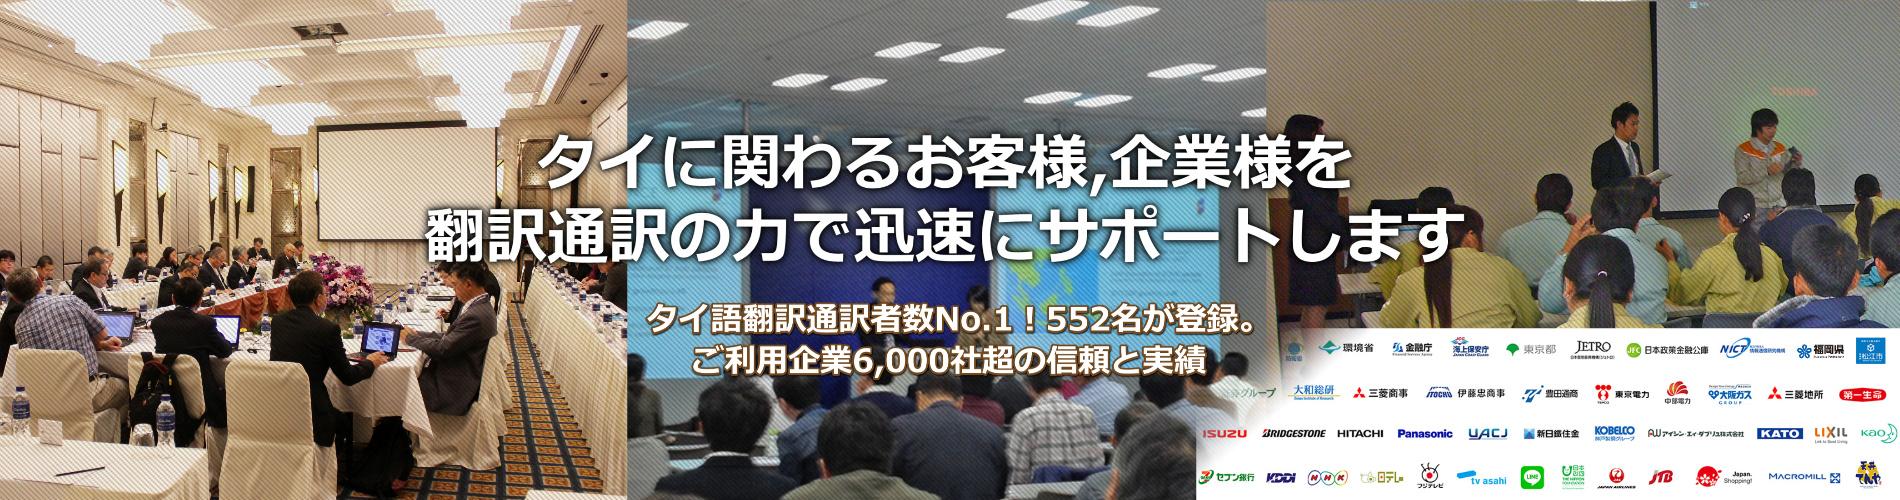 タイ語翻訳トップ